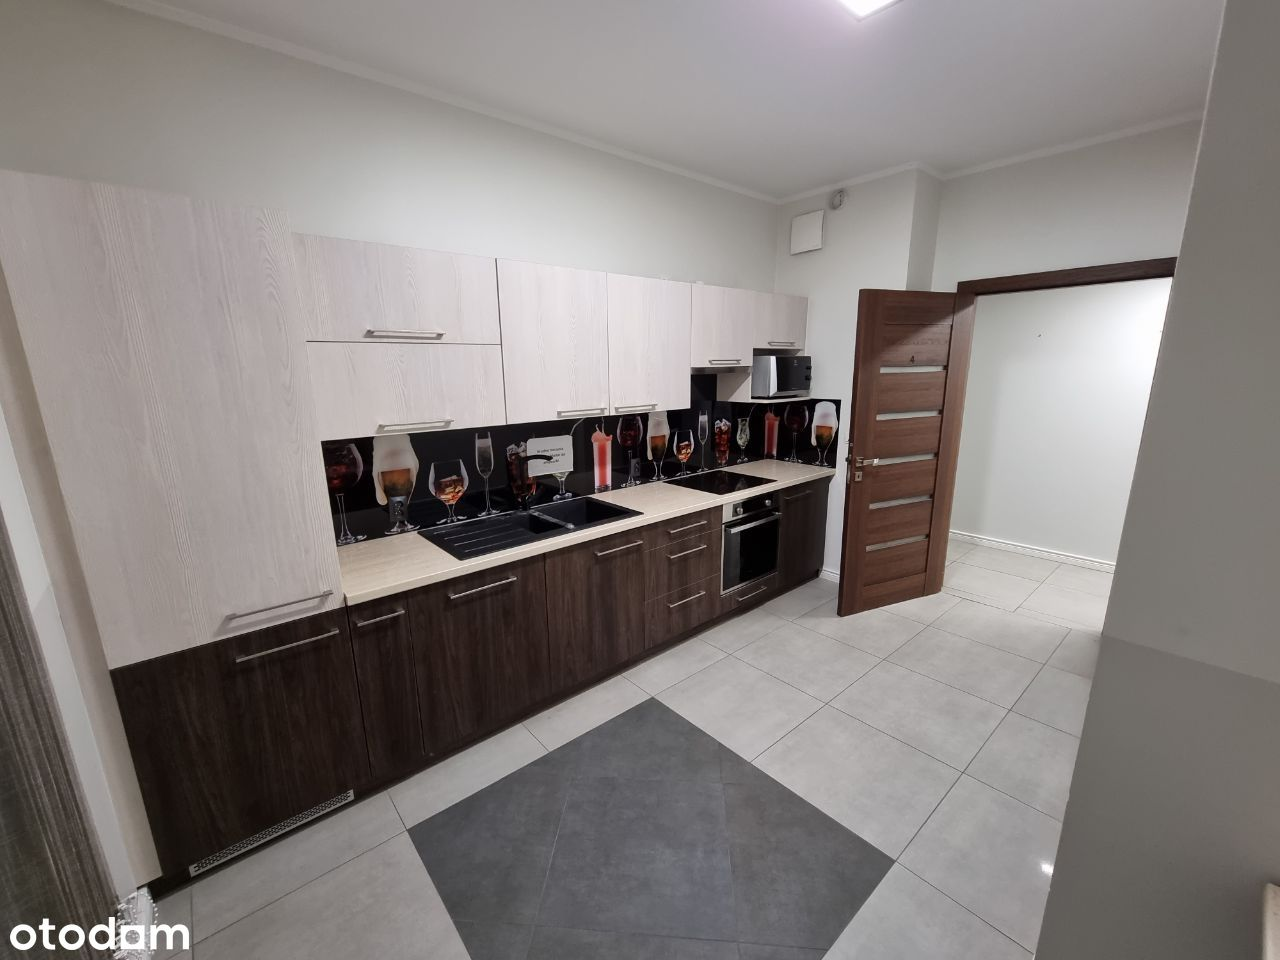 Poznań Zawady 100 m2 + dwa miejsca garażowe w hali